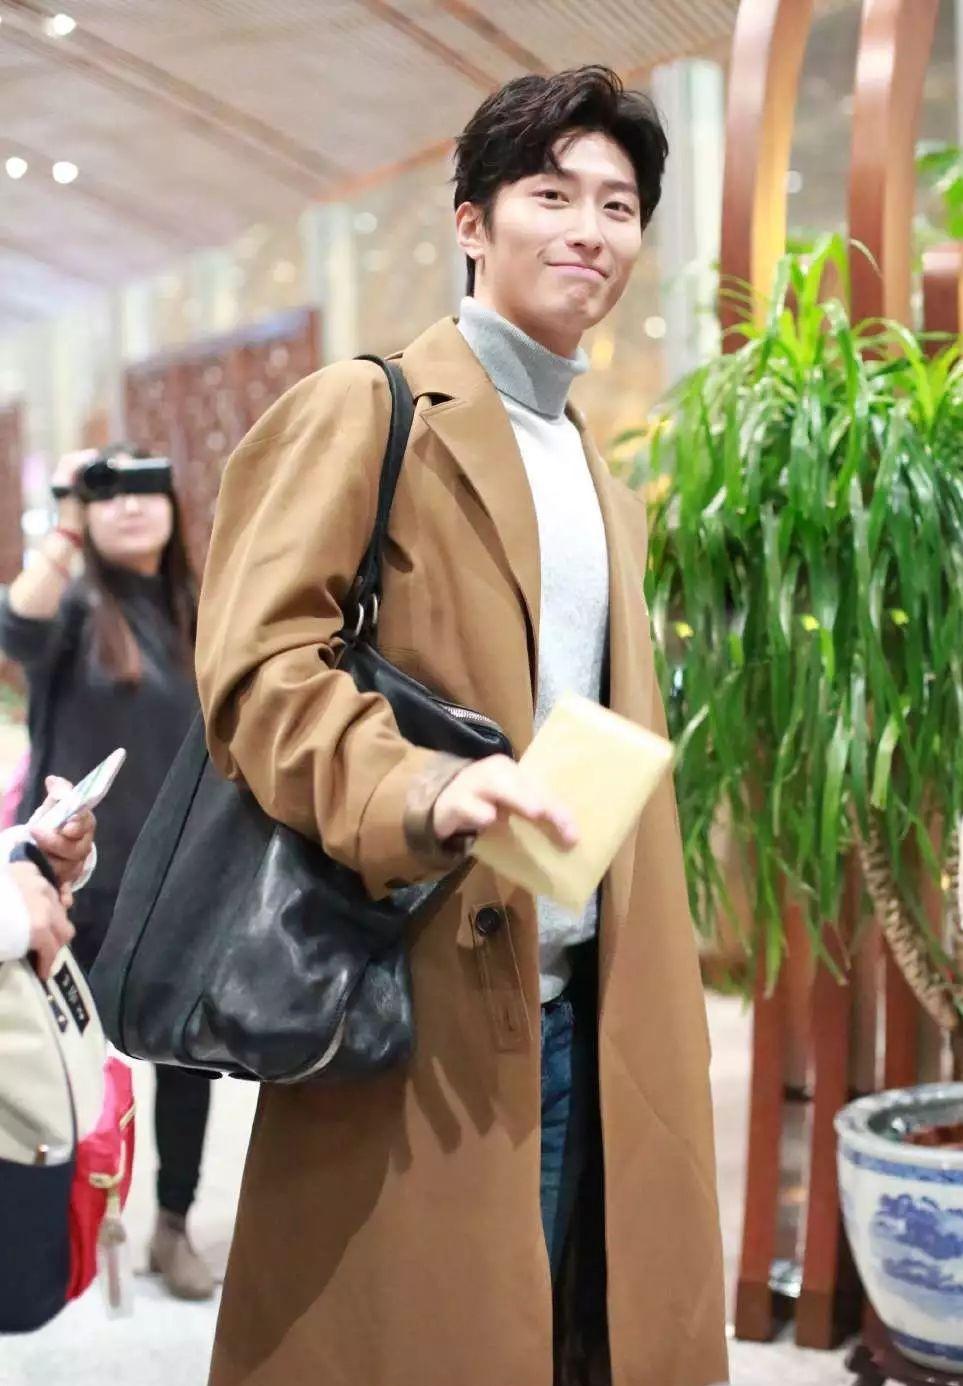 每个男生都是大衣控,冬天少了大衣怎么行?!  秋11月 第14张